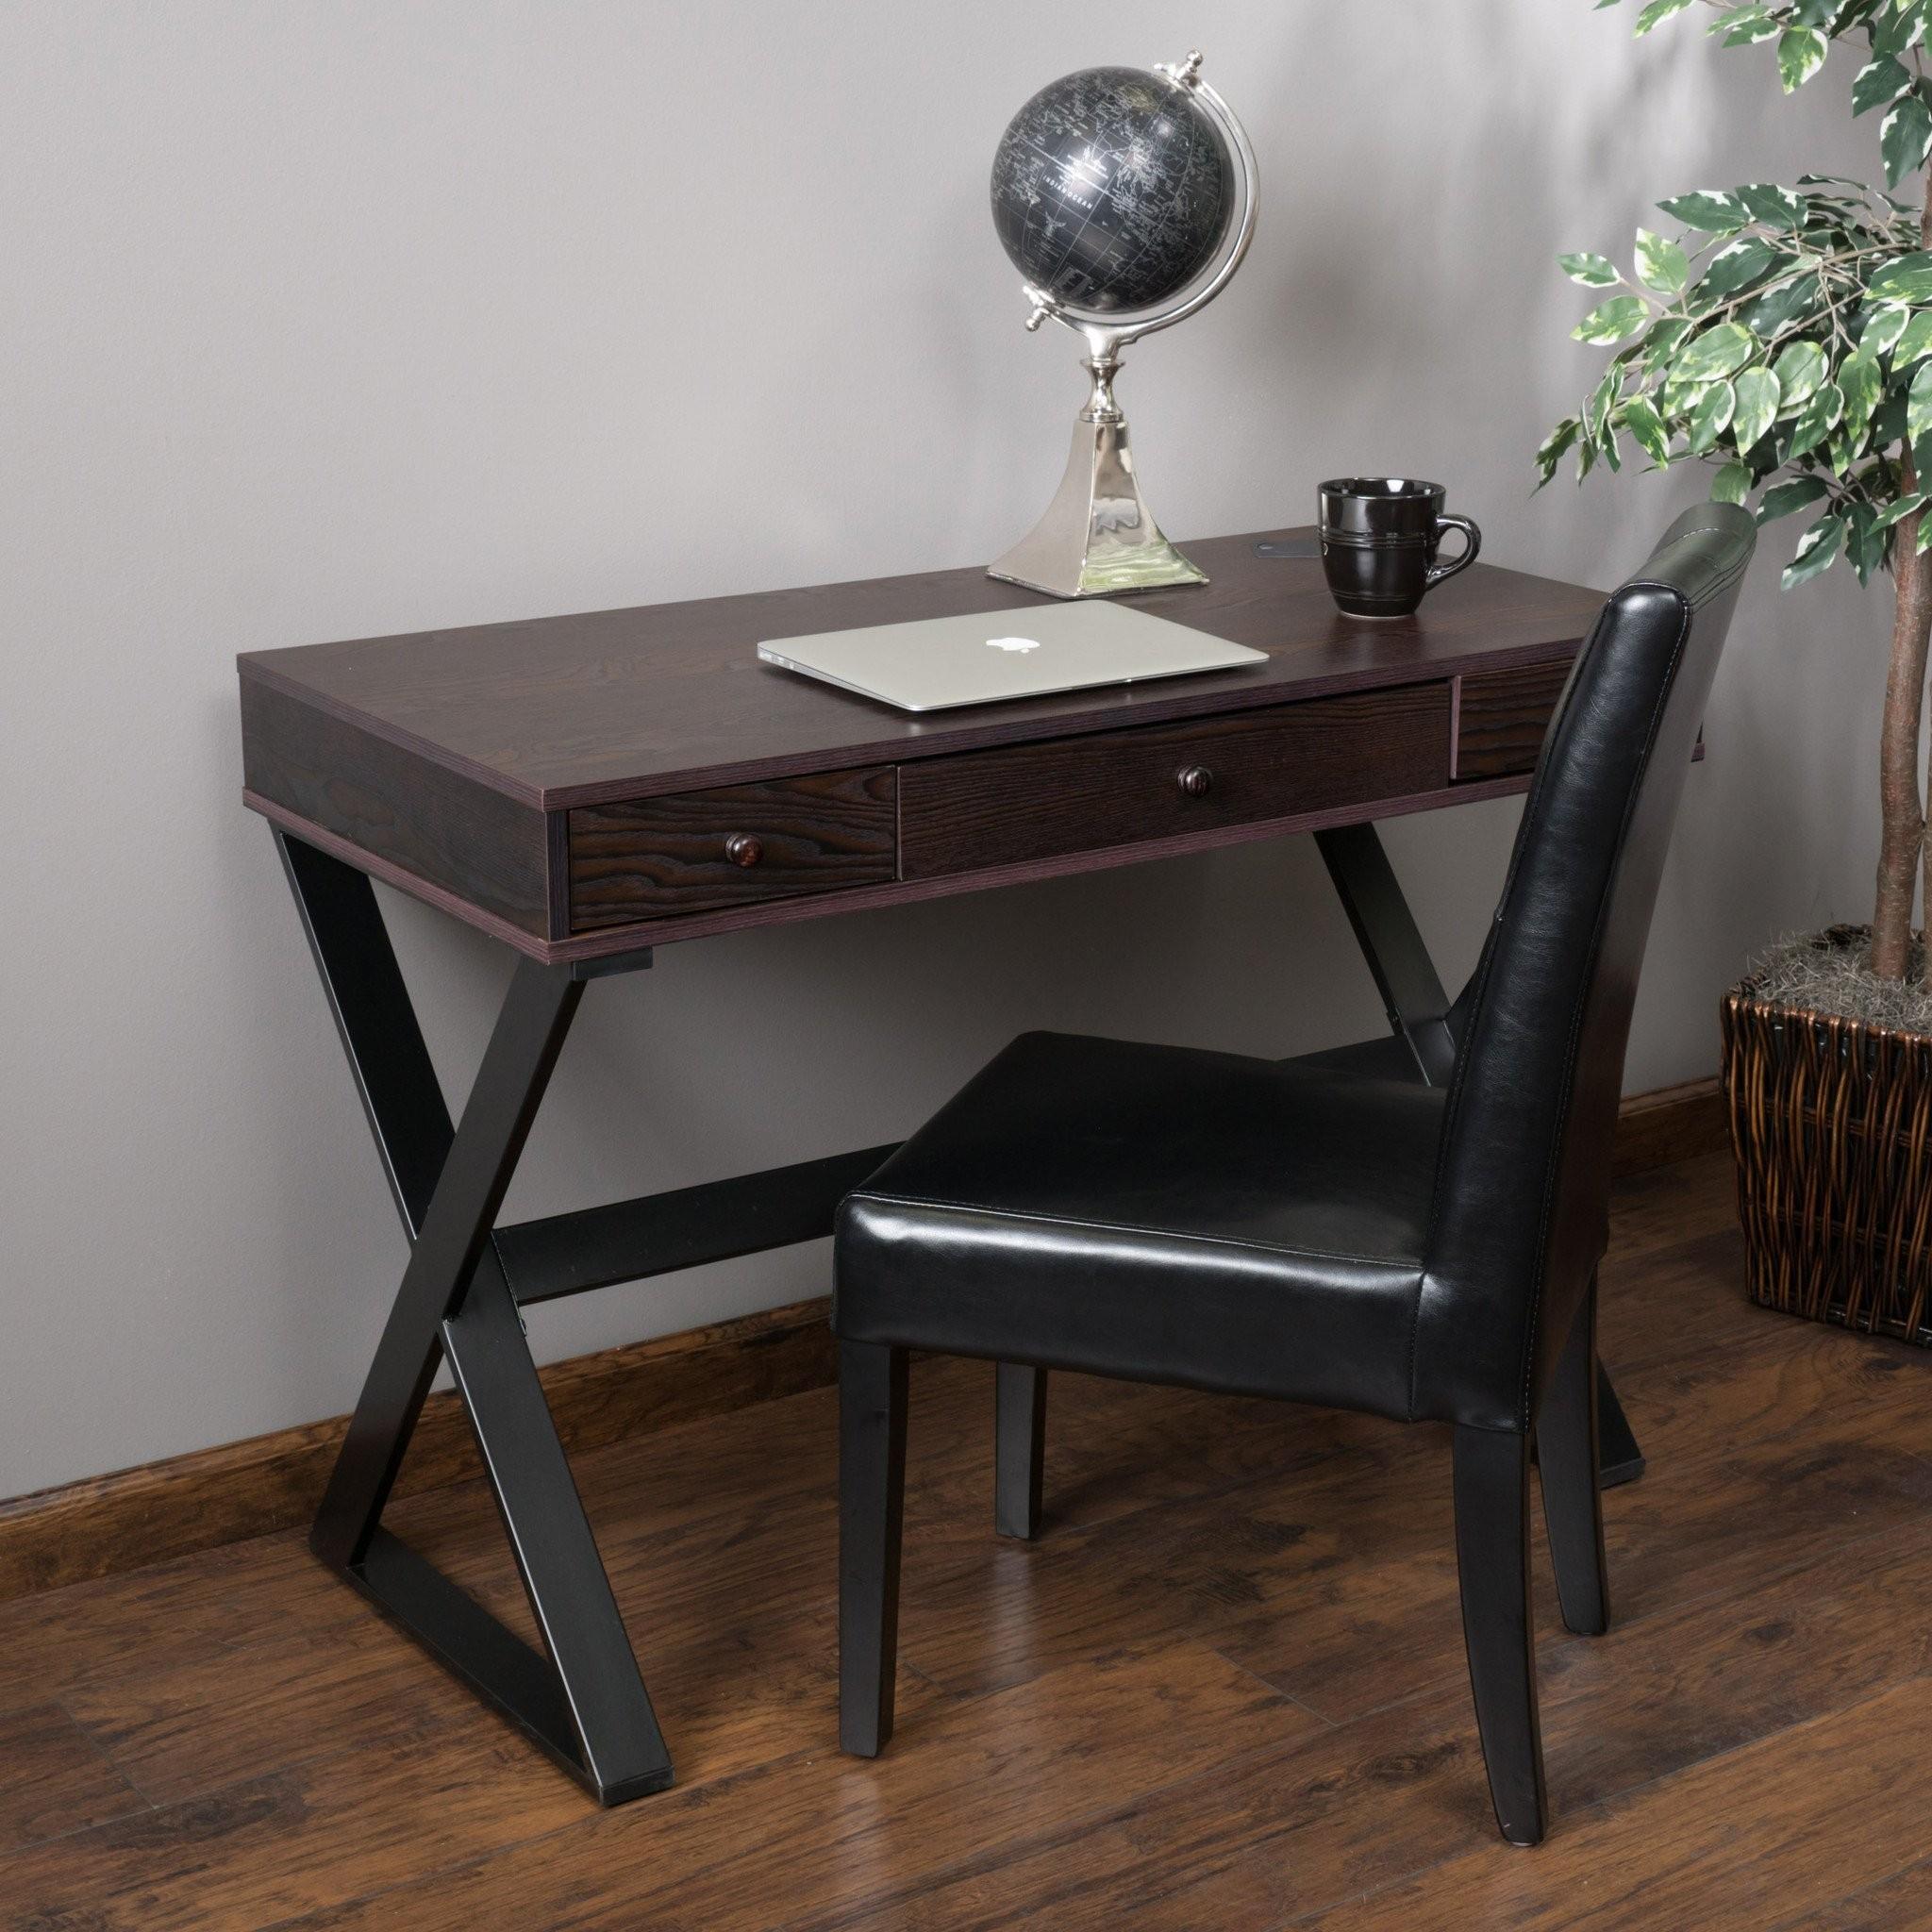 Geena 3 Drawer Dark Brown Wood Writing Desk